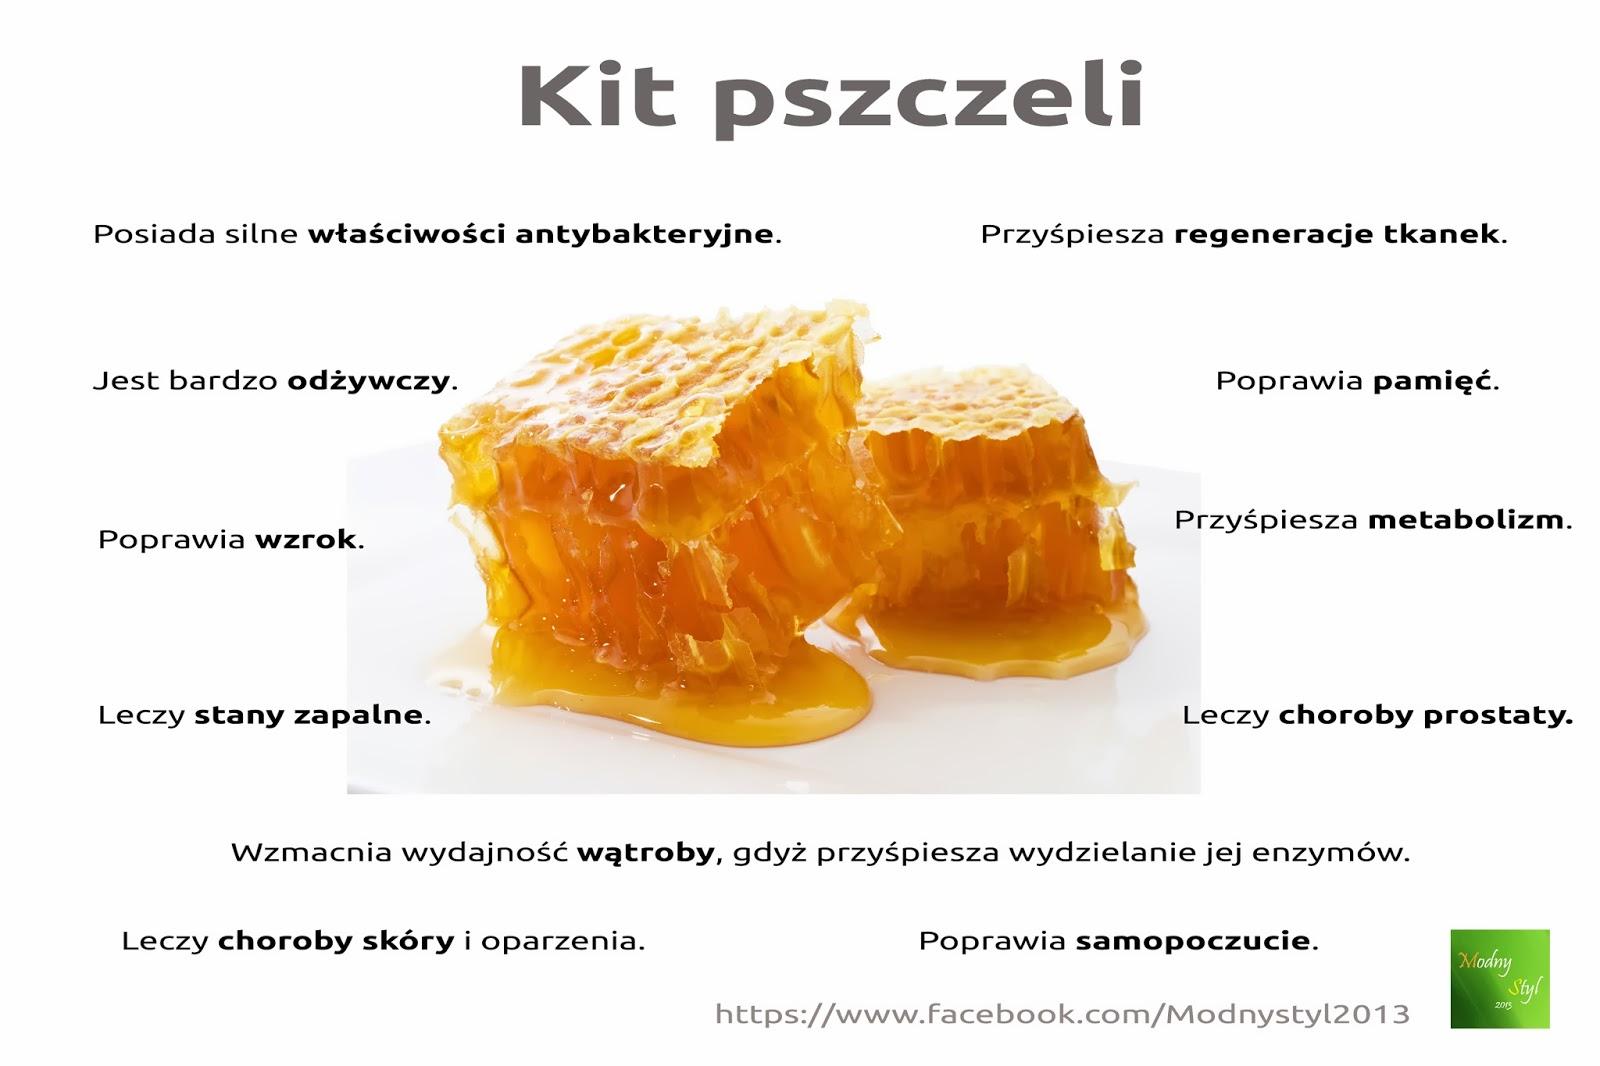 Lecznicze właściwości kitu pszczelego - propolisu.